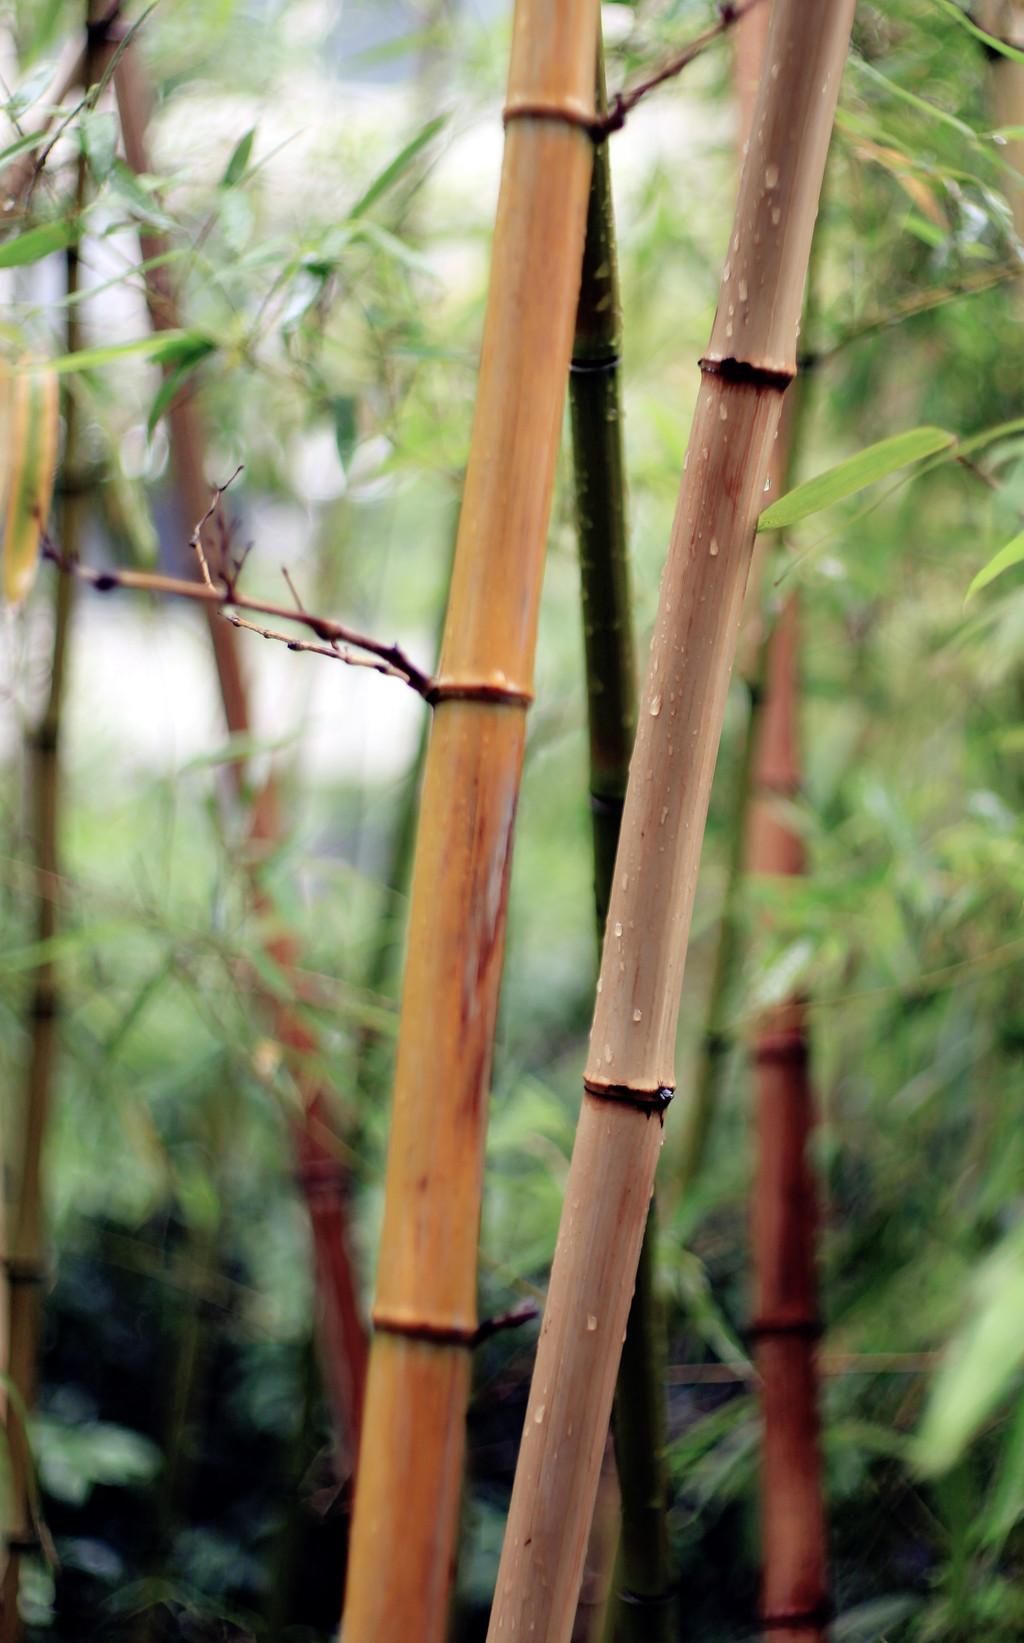 雨 - 005 - 摄影:米多饭香